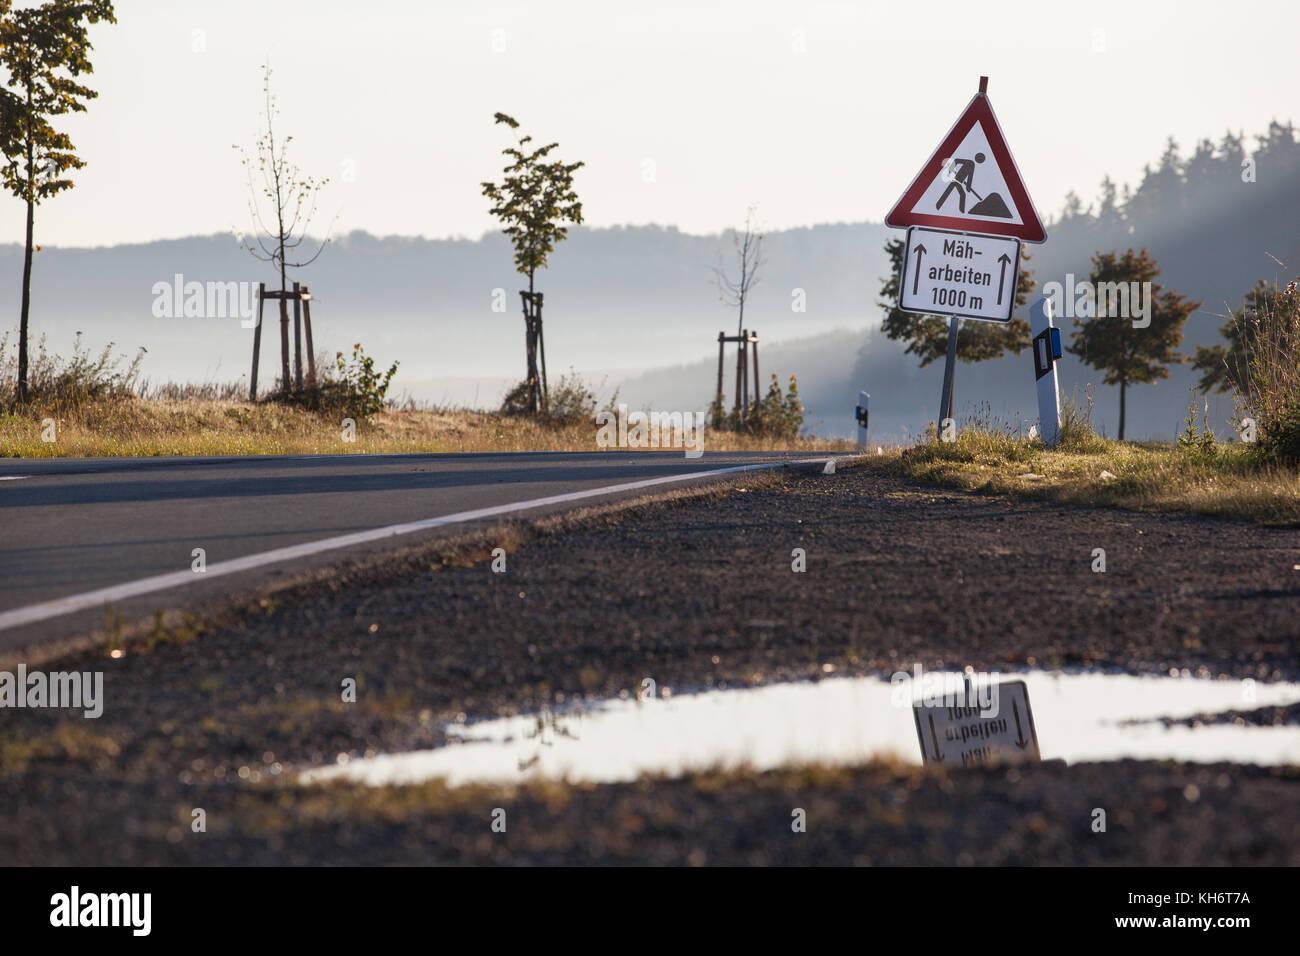 Verkehrszeichen Bauarbeiten - Stock Image